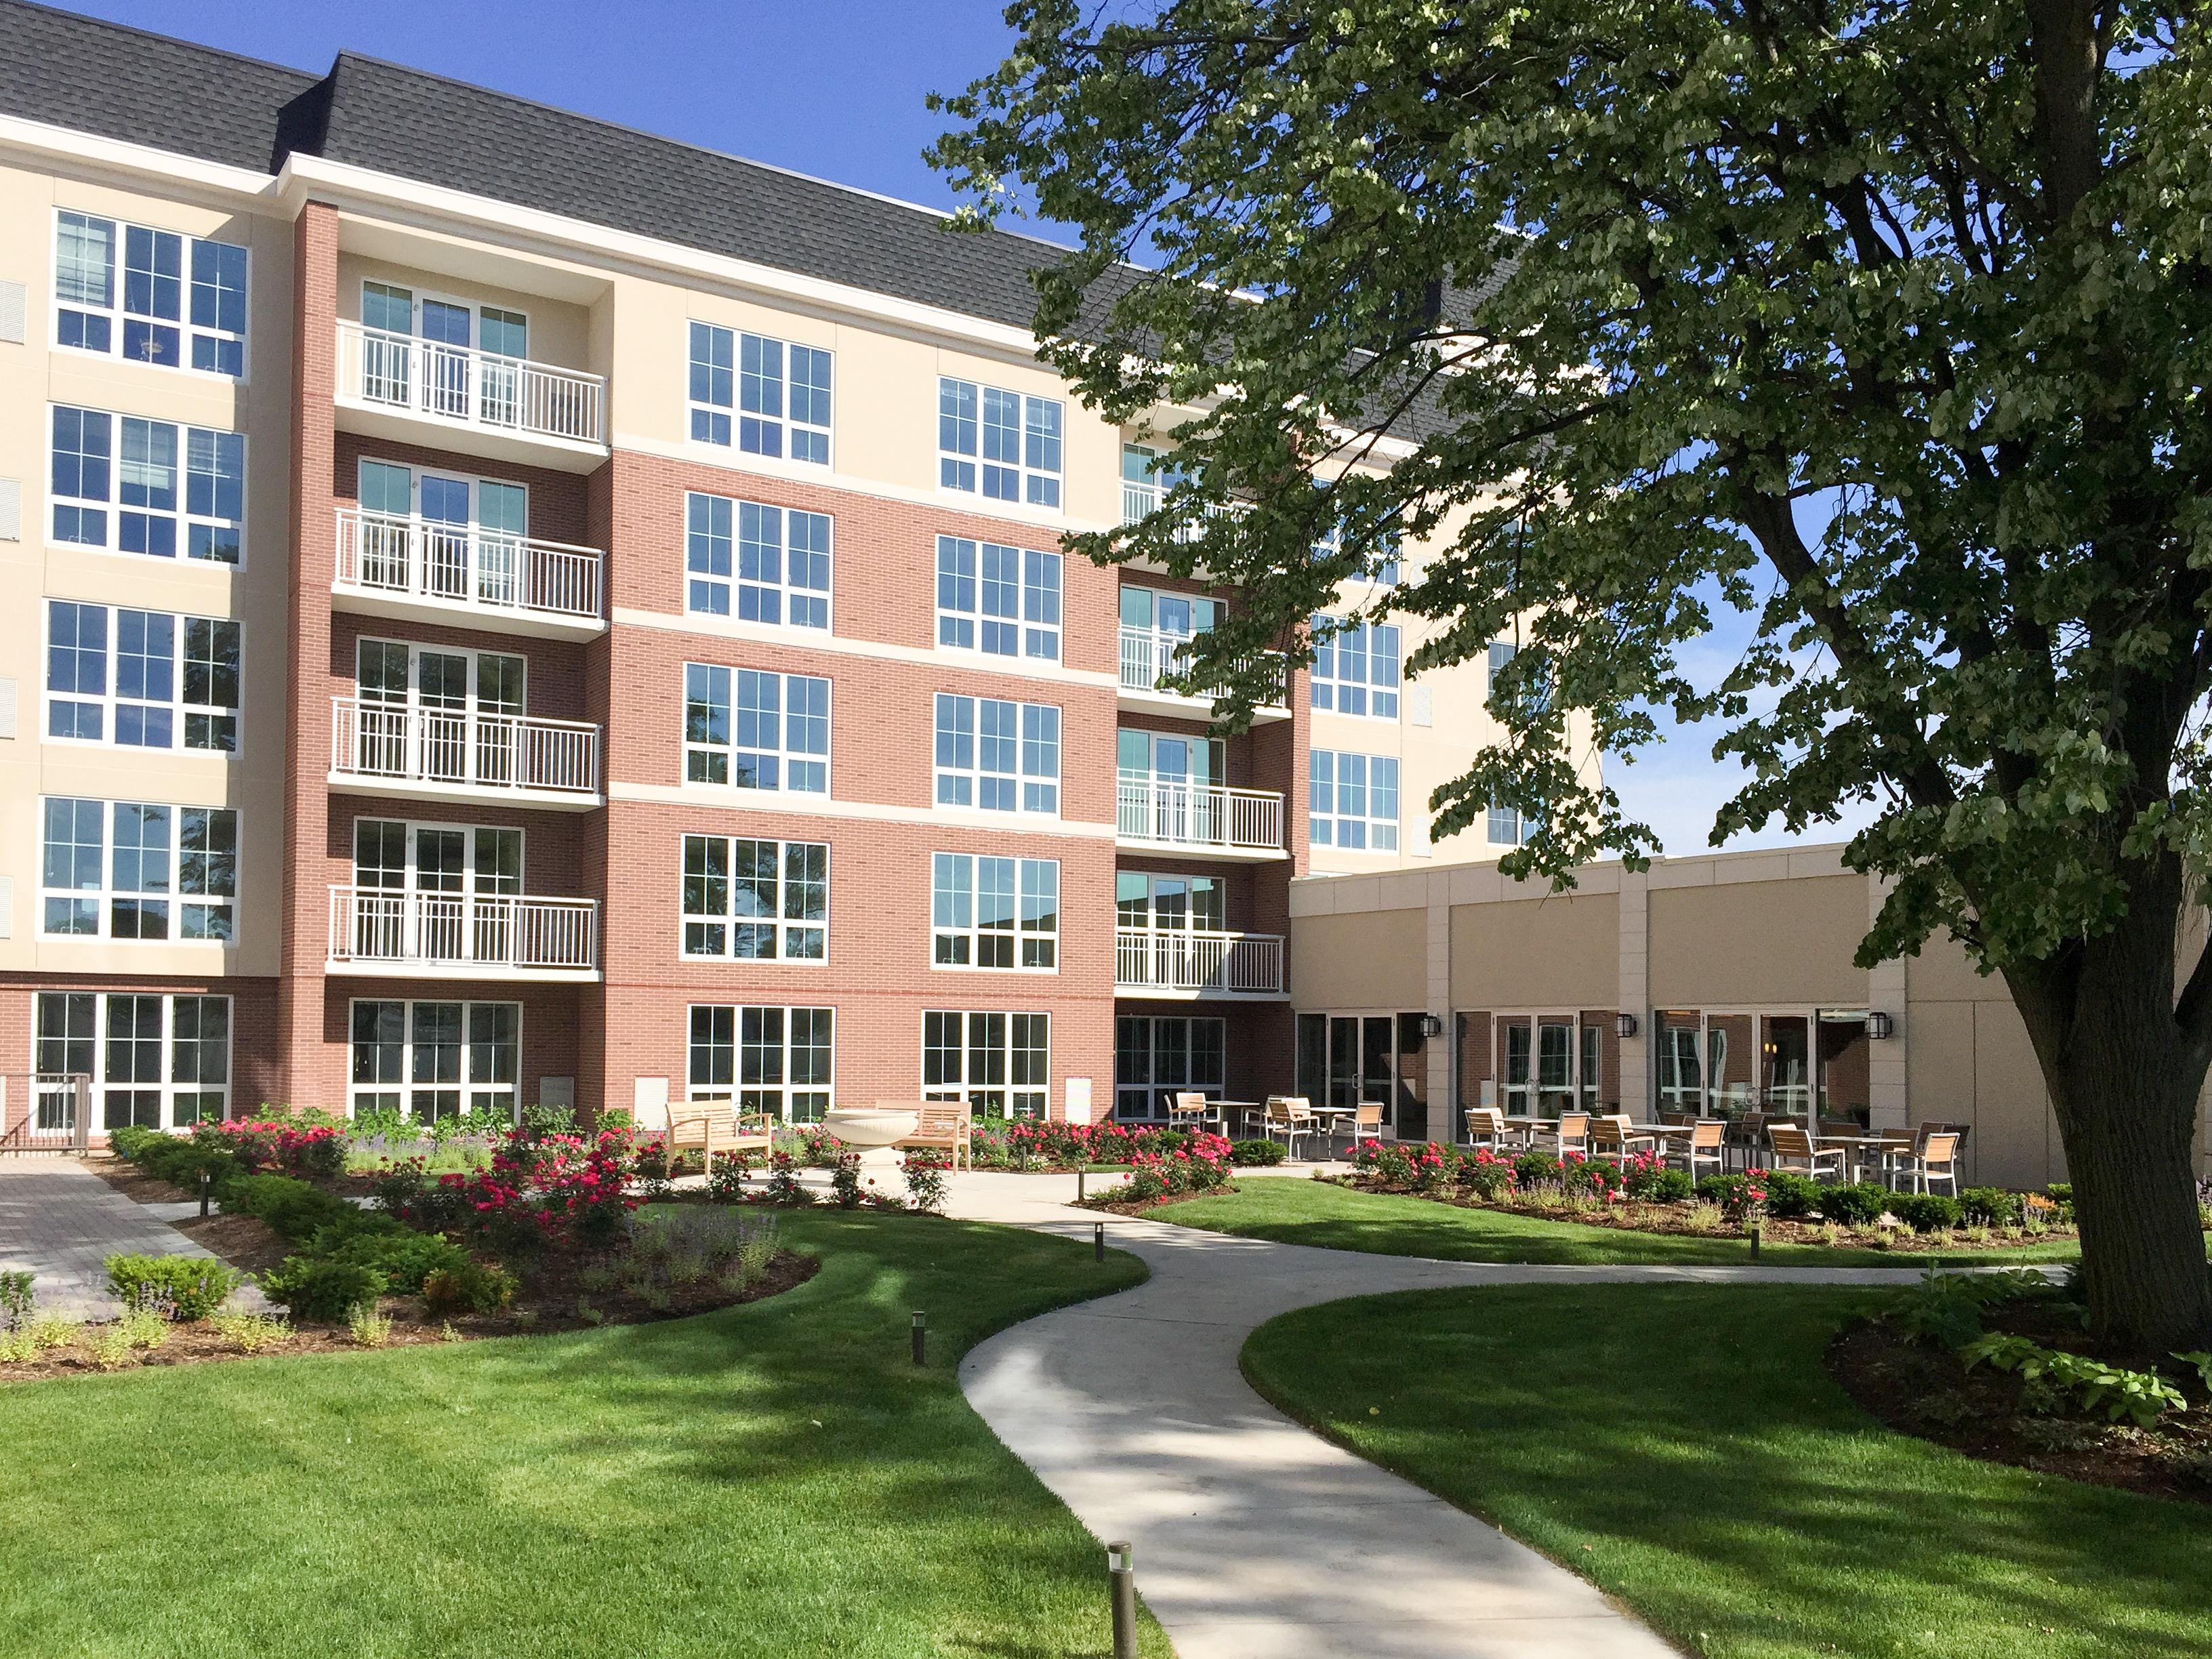 The Senior Housing Sweet Spot